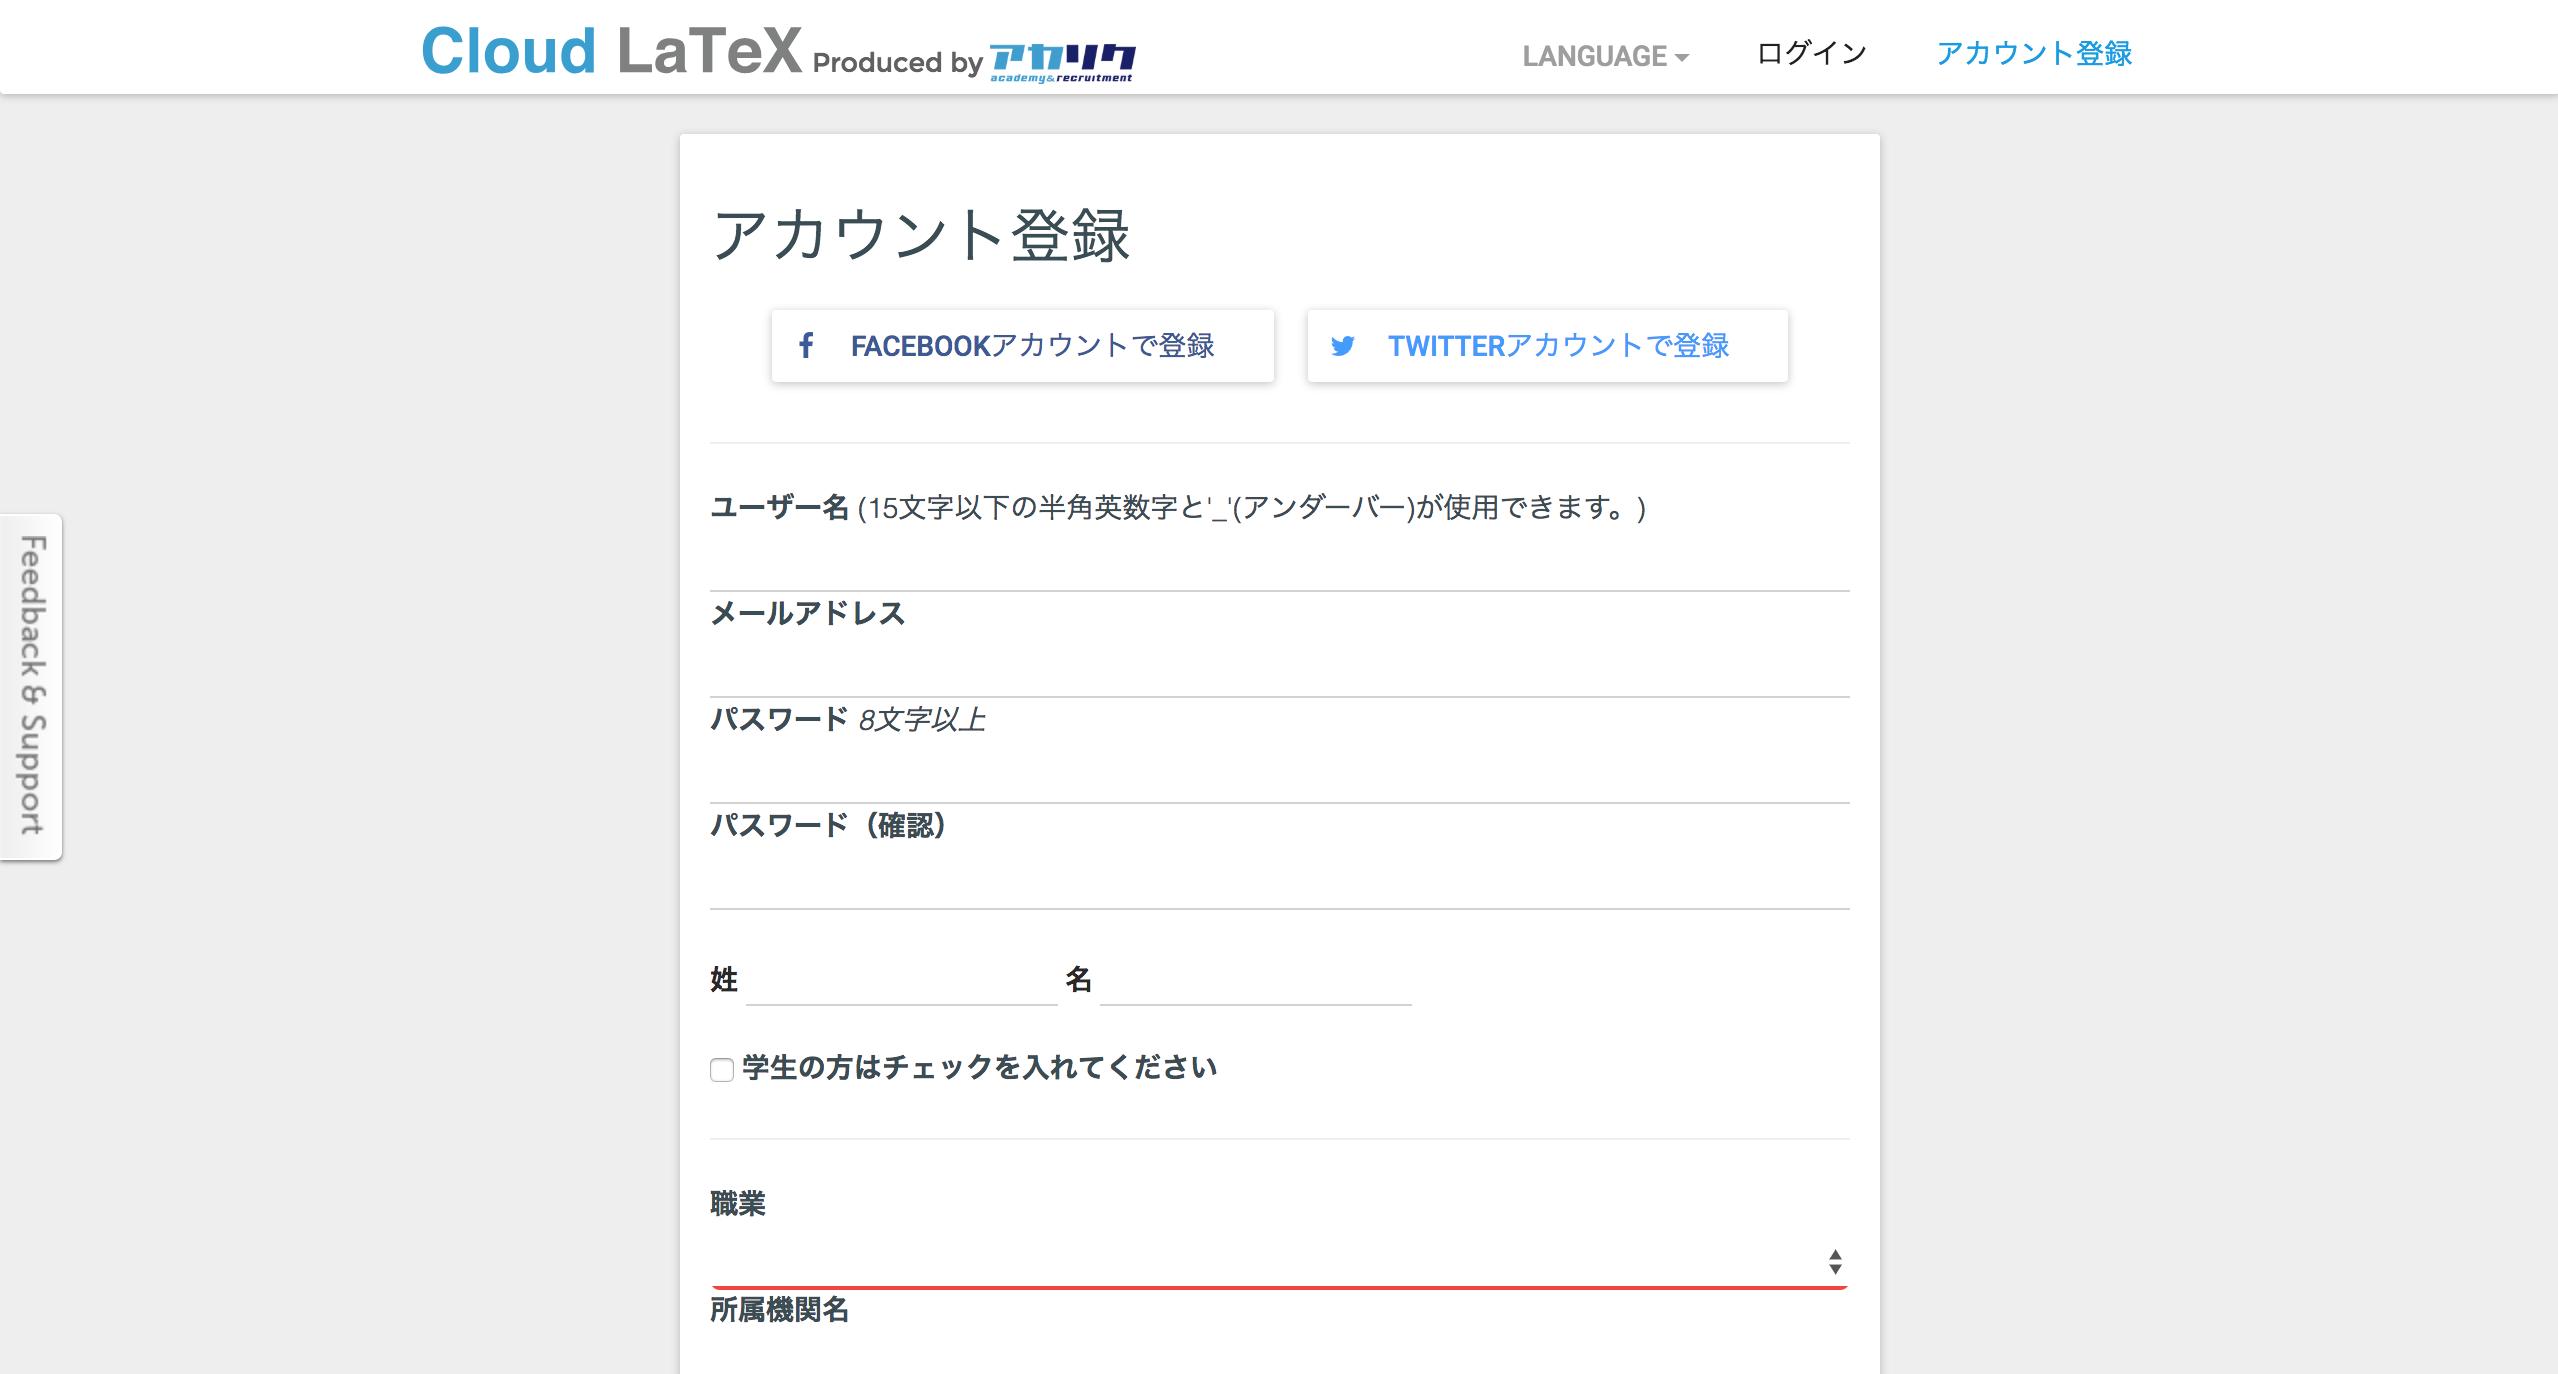 アカウント登録の画面